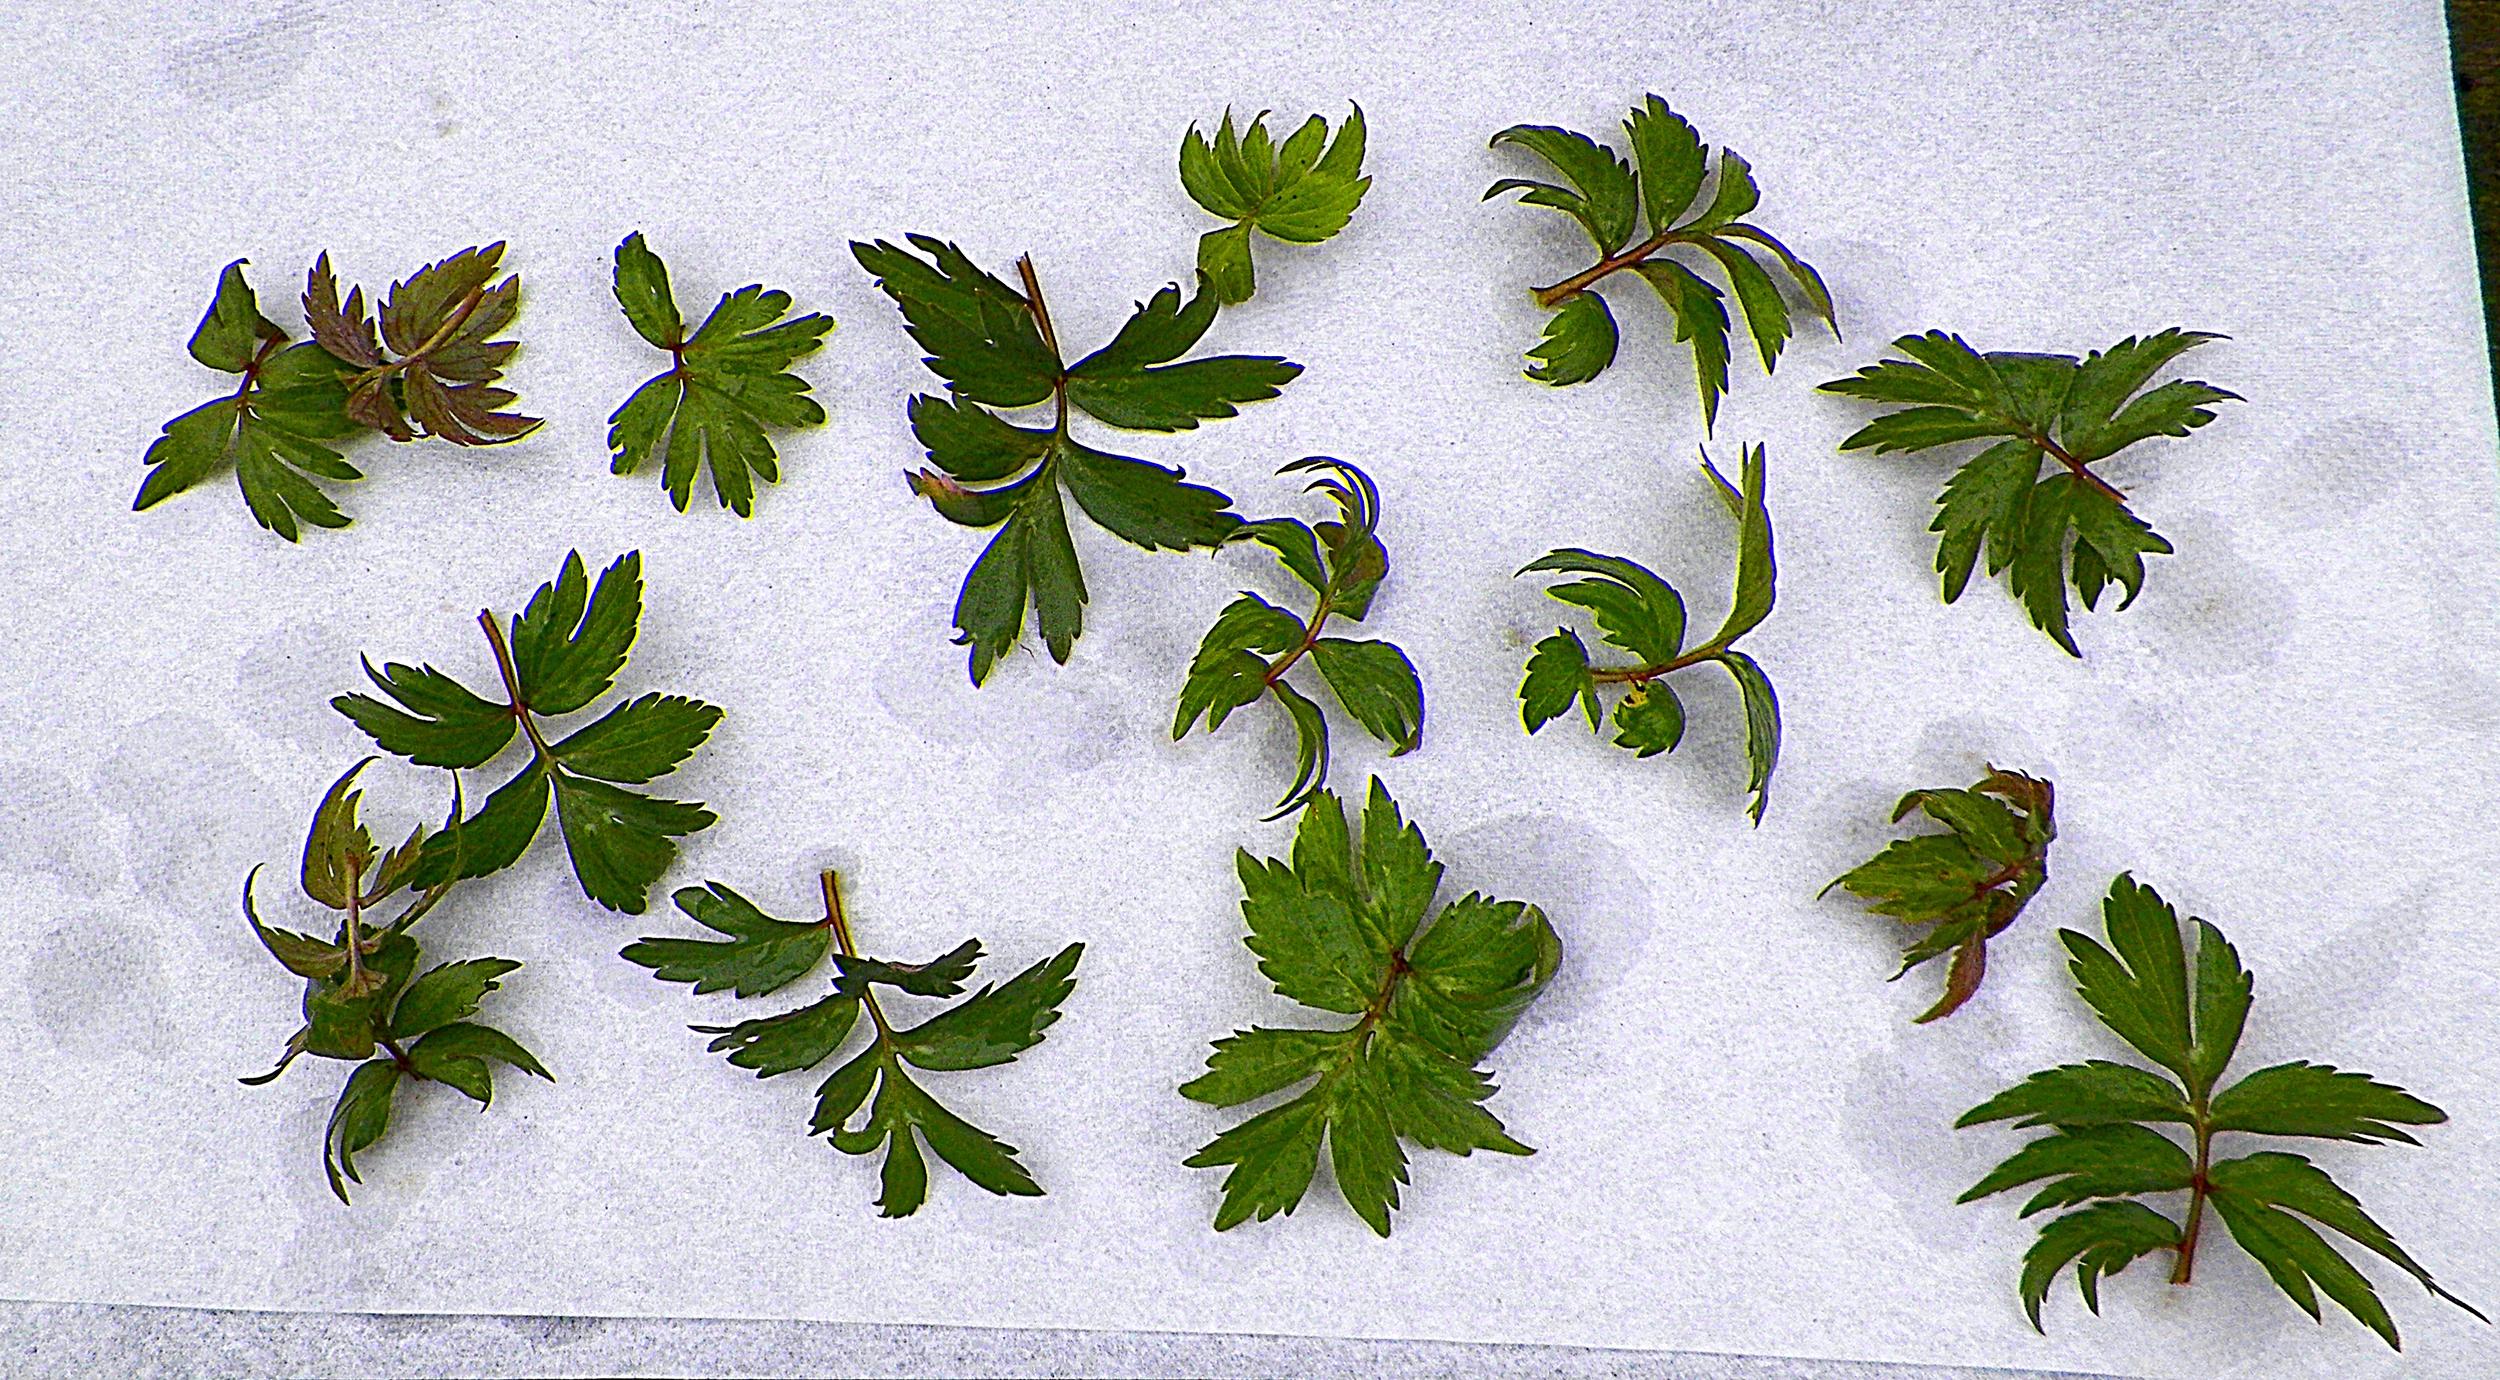 Virginia Waterleaf leaves, the primary edible part.